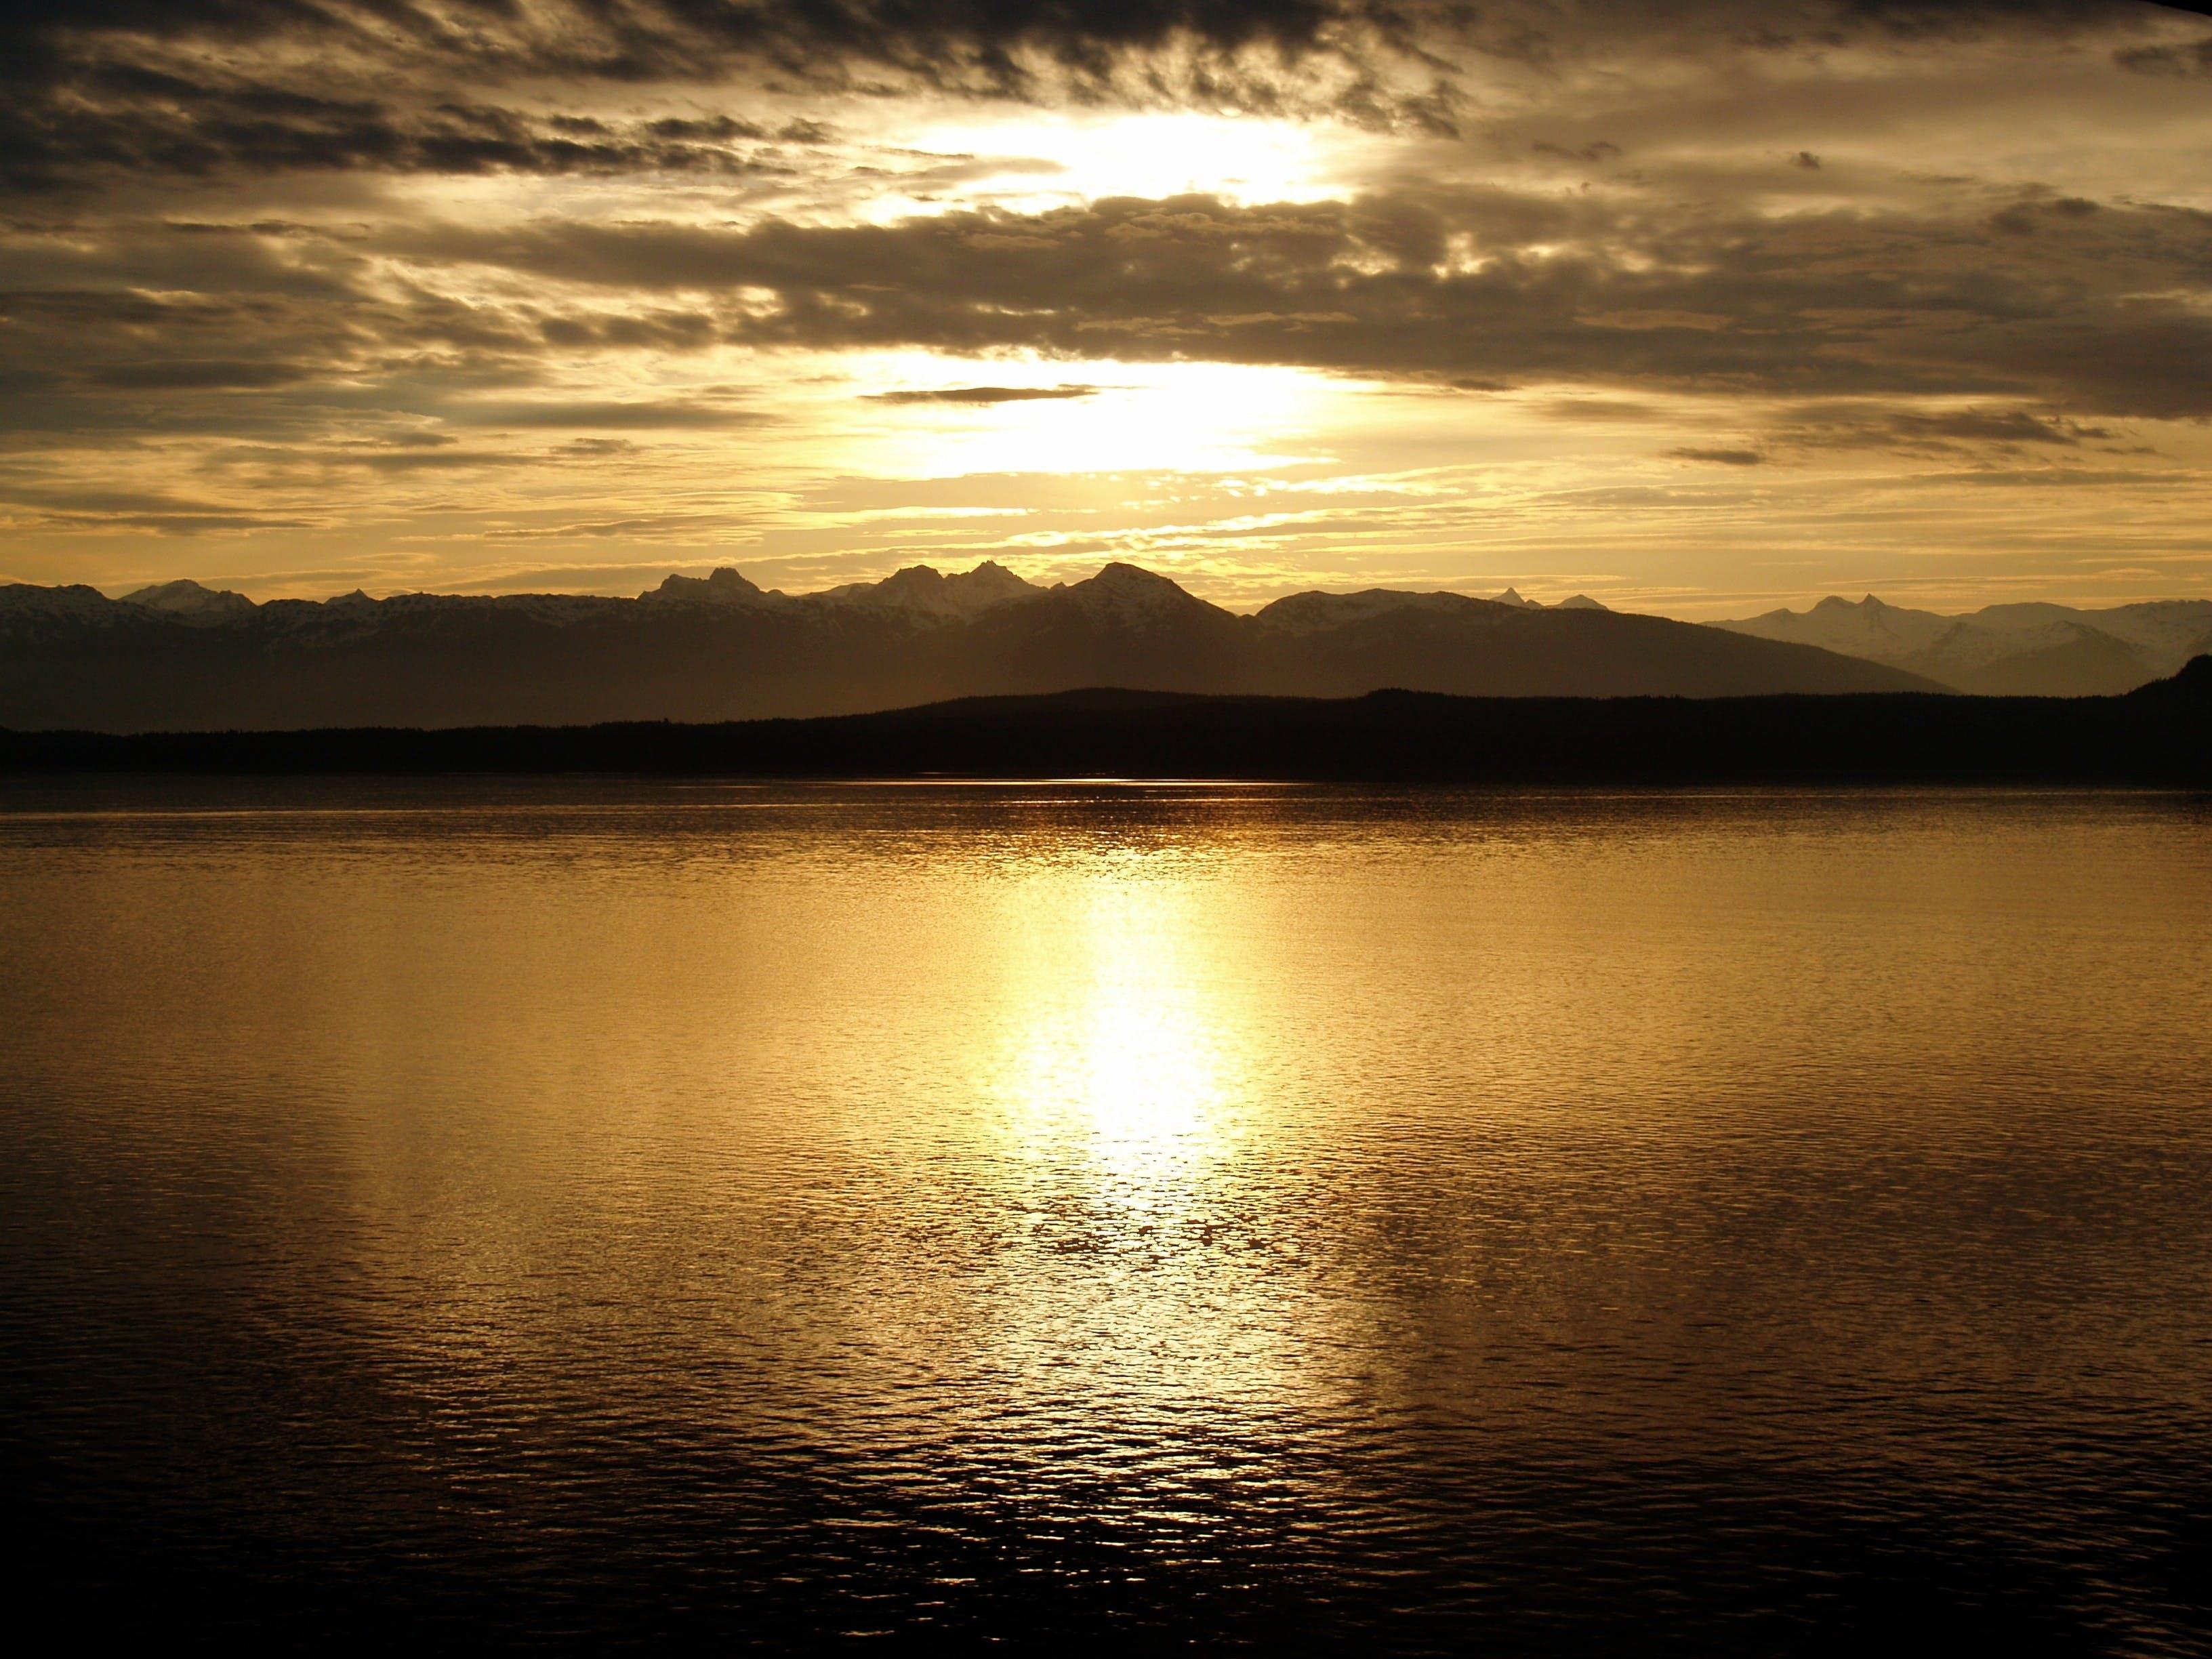 Calm Sea Near Mountain at Sunset